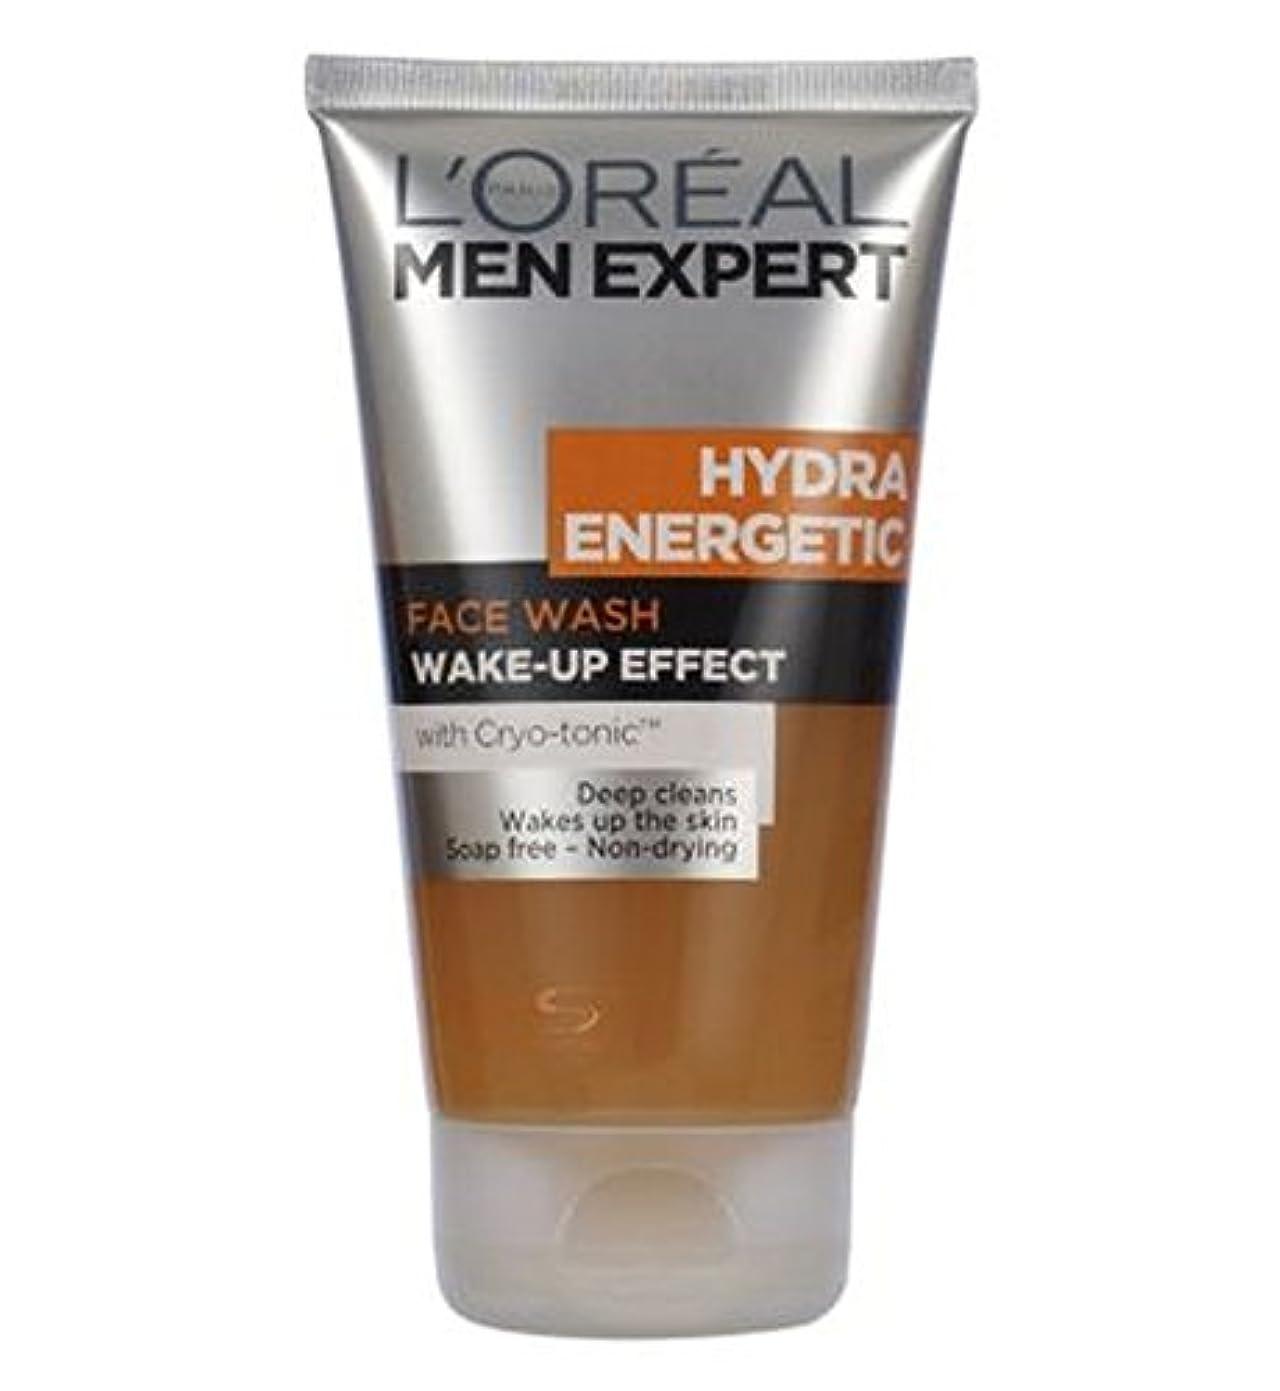 昼間カウンターパート自伝ロレアルの男性の専門家ヒドラエネルギッシュな洗顔150ミリリットル (L'Oreal) (x2) - L'Oreal Men Expert Hydra Energetic Face Wash 150ml (Pack of...